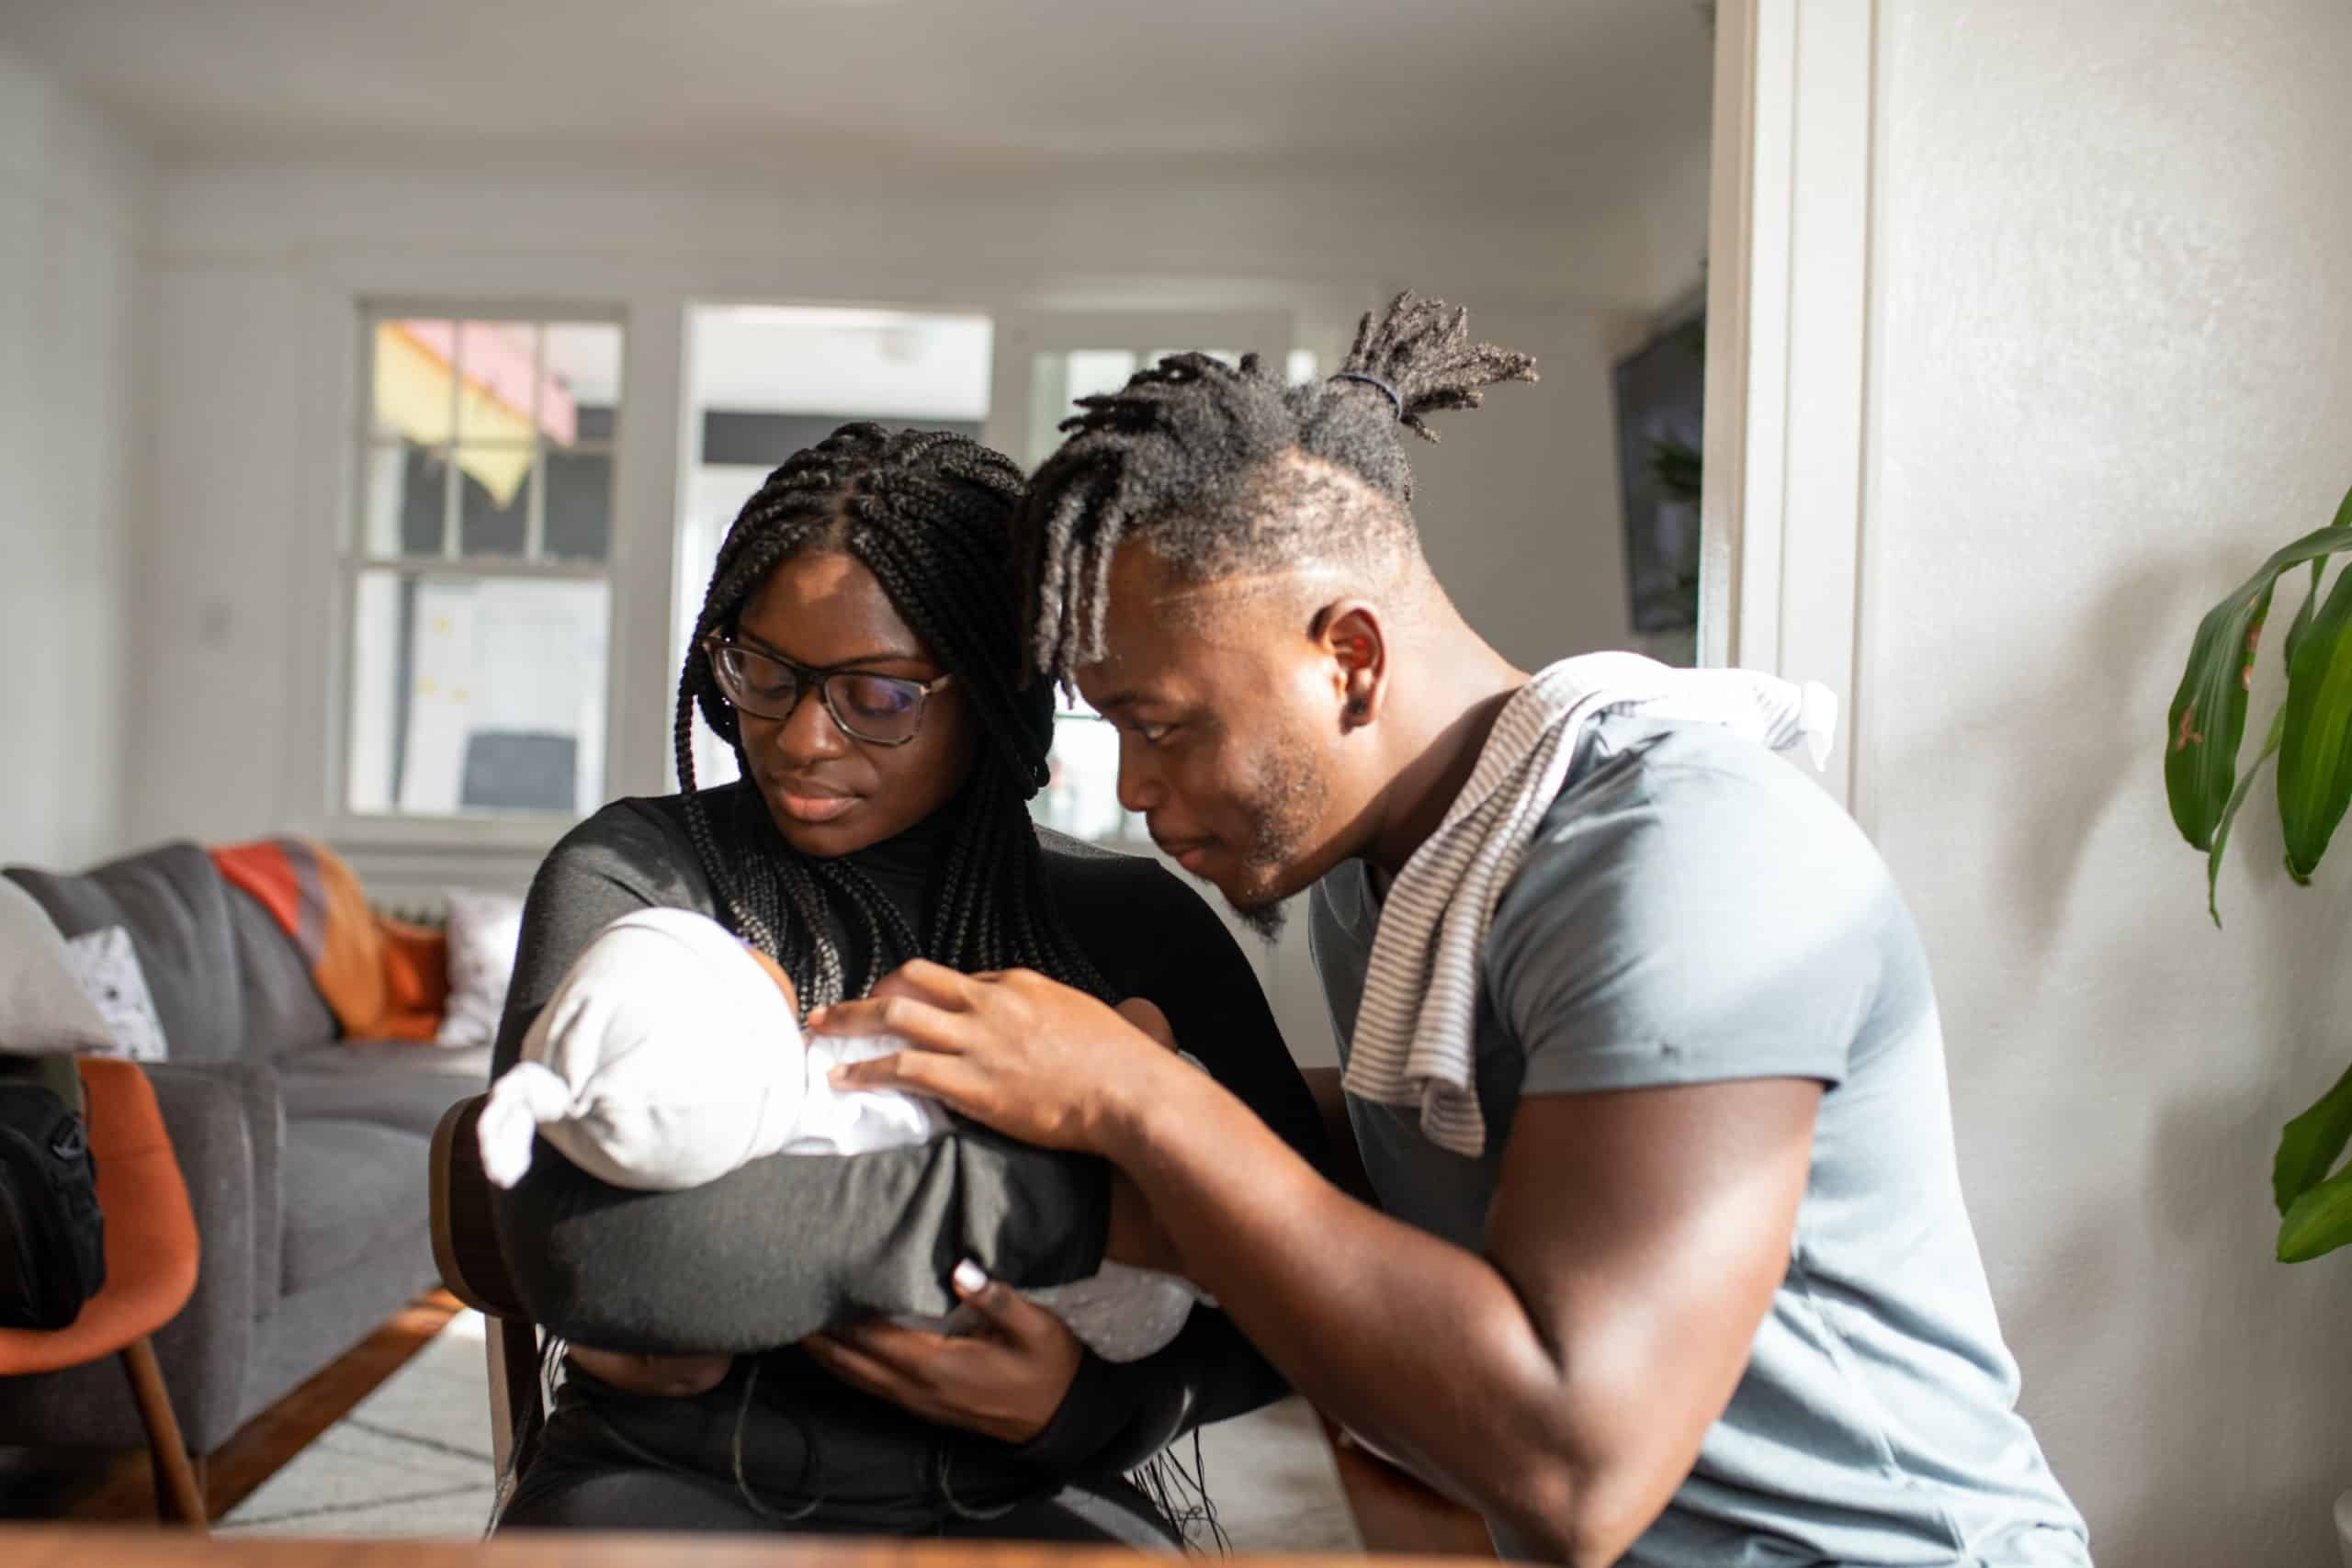 L'art d'être parents à deux –  Cours II : COMMENT CRÉER UNE ALLIANCE FORTE AVEC L'AUTRE PARENT ?